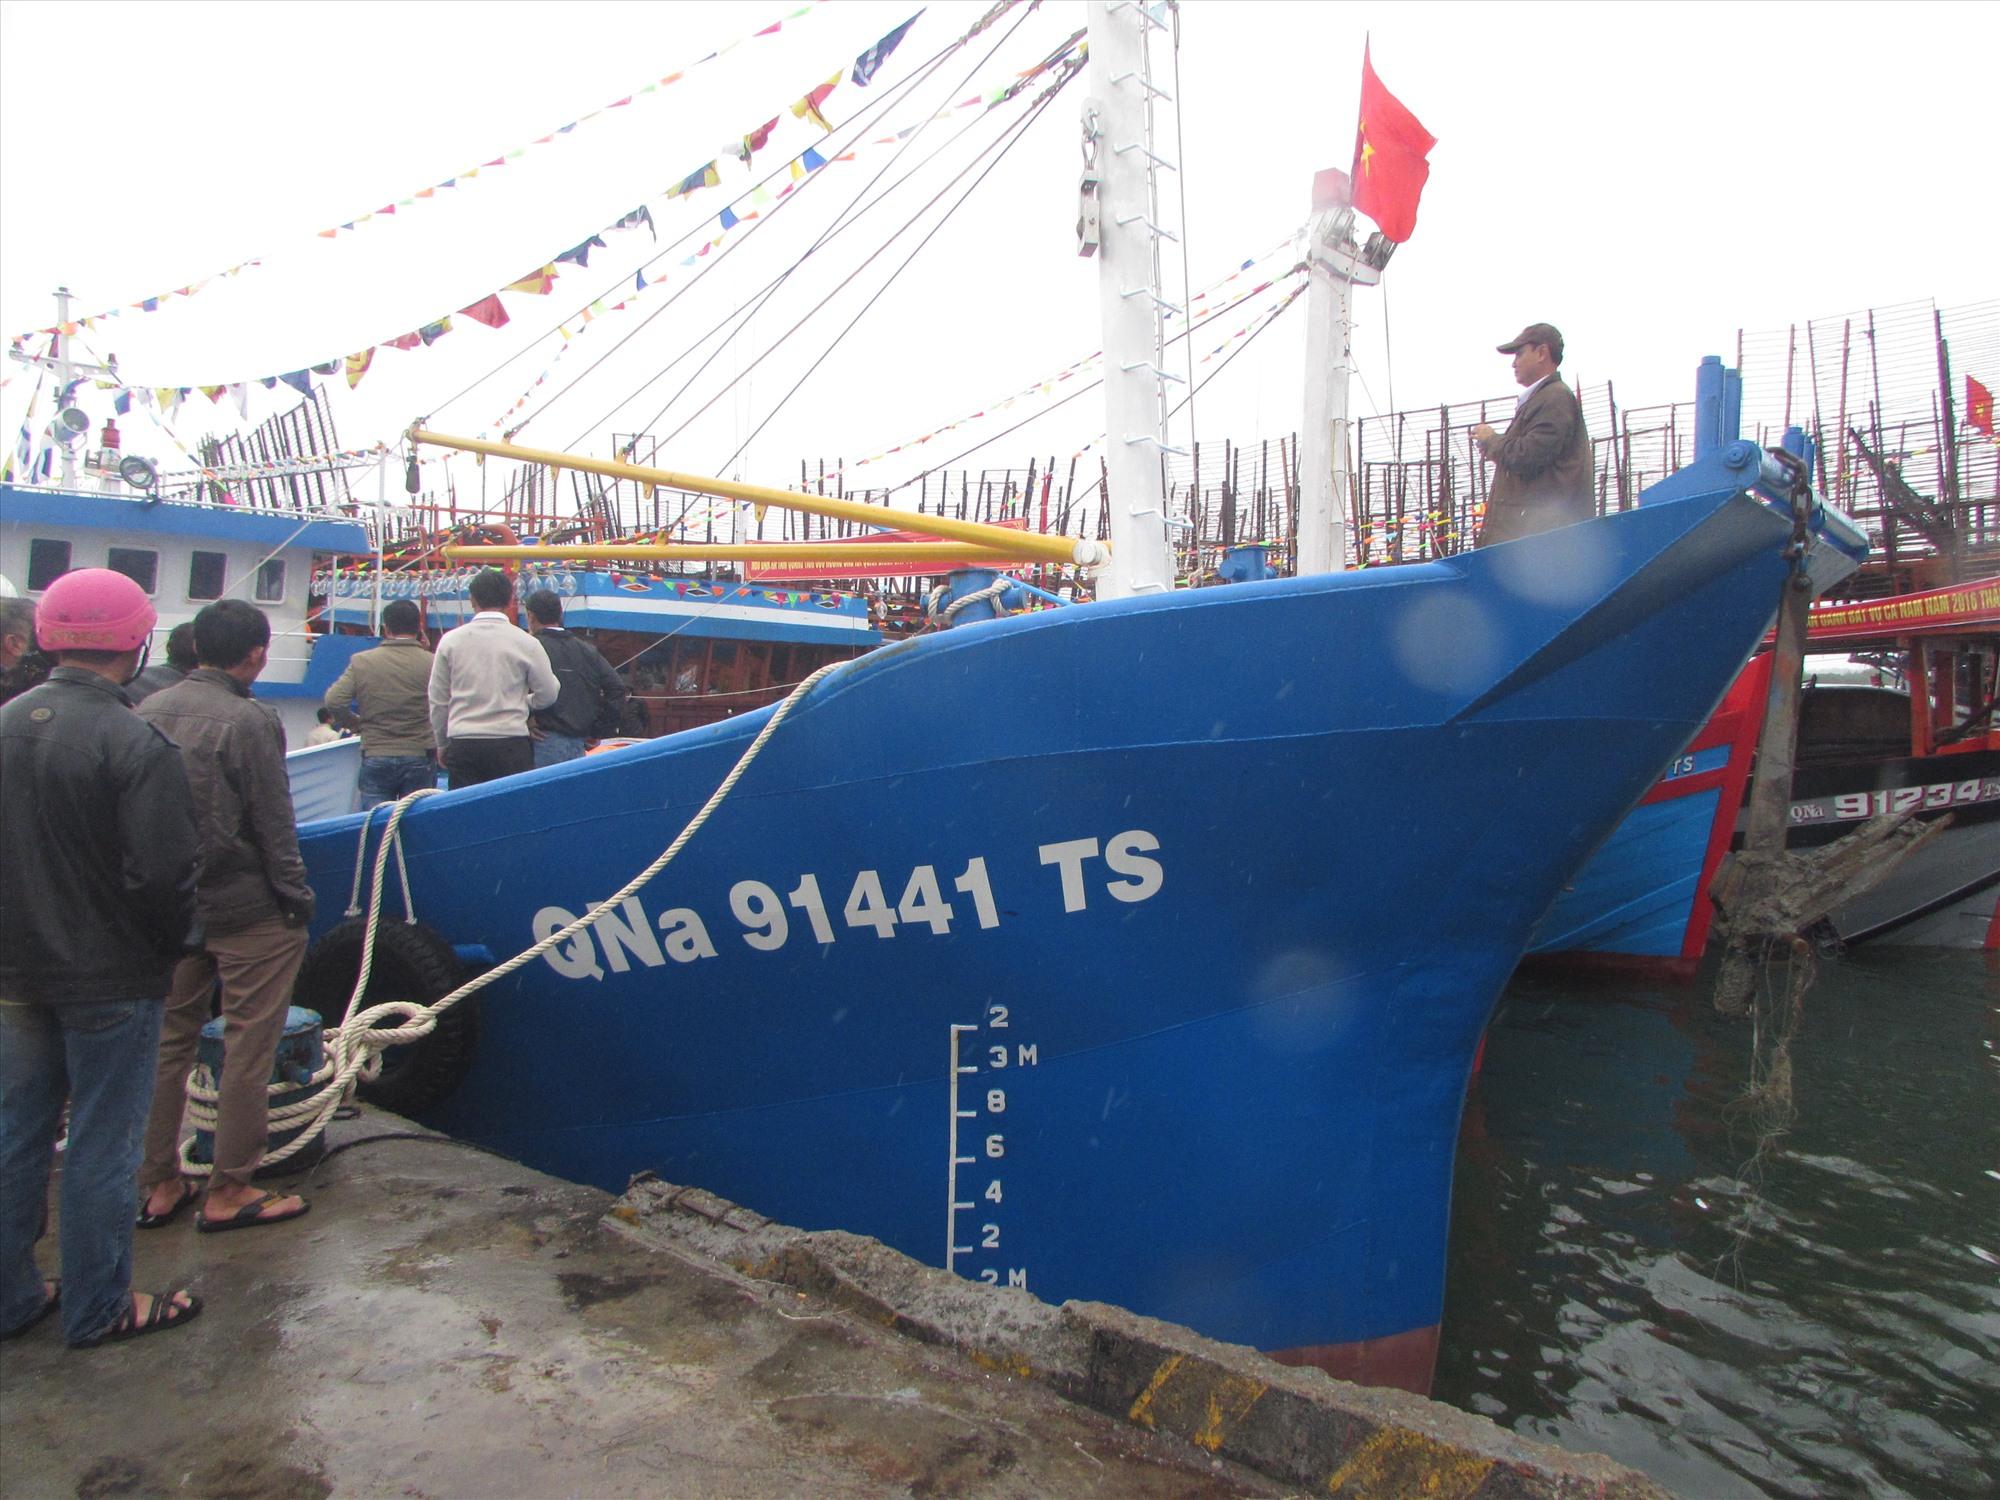 Giai đoạn 2016 - 2021, đội tàu đánh bắt xa bờ của Núi Thành có bước phát triển mạnh về số lượng, công suất. Ảnh: V.PHIN